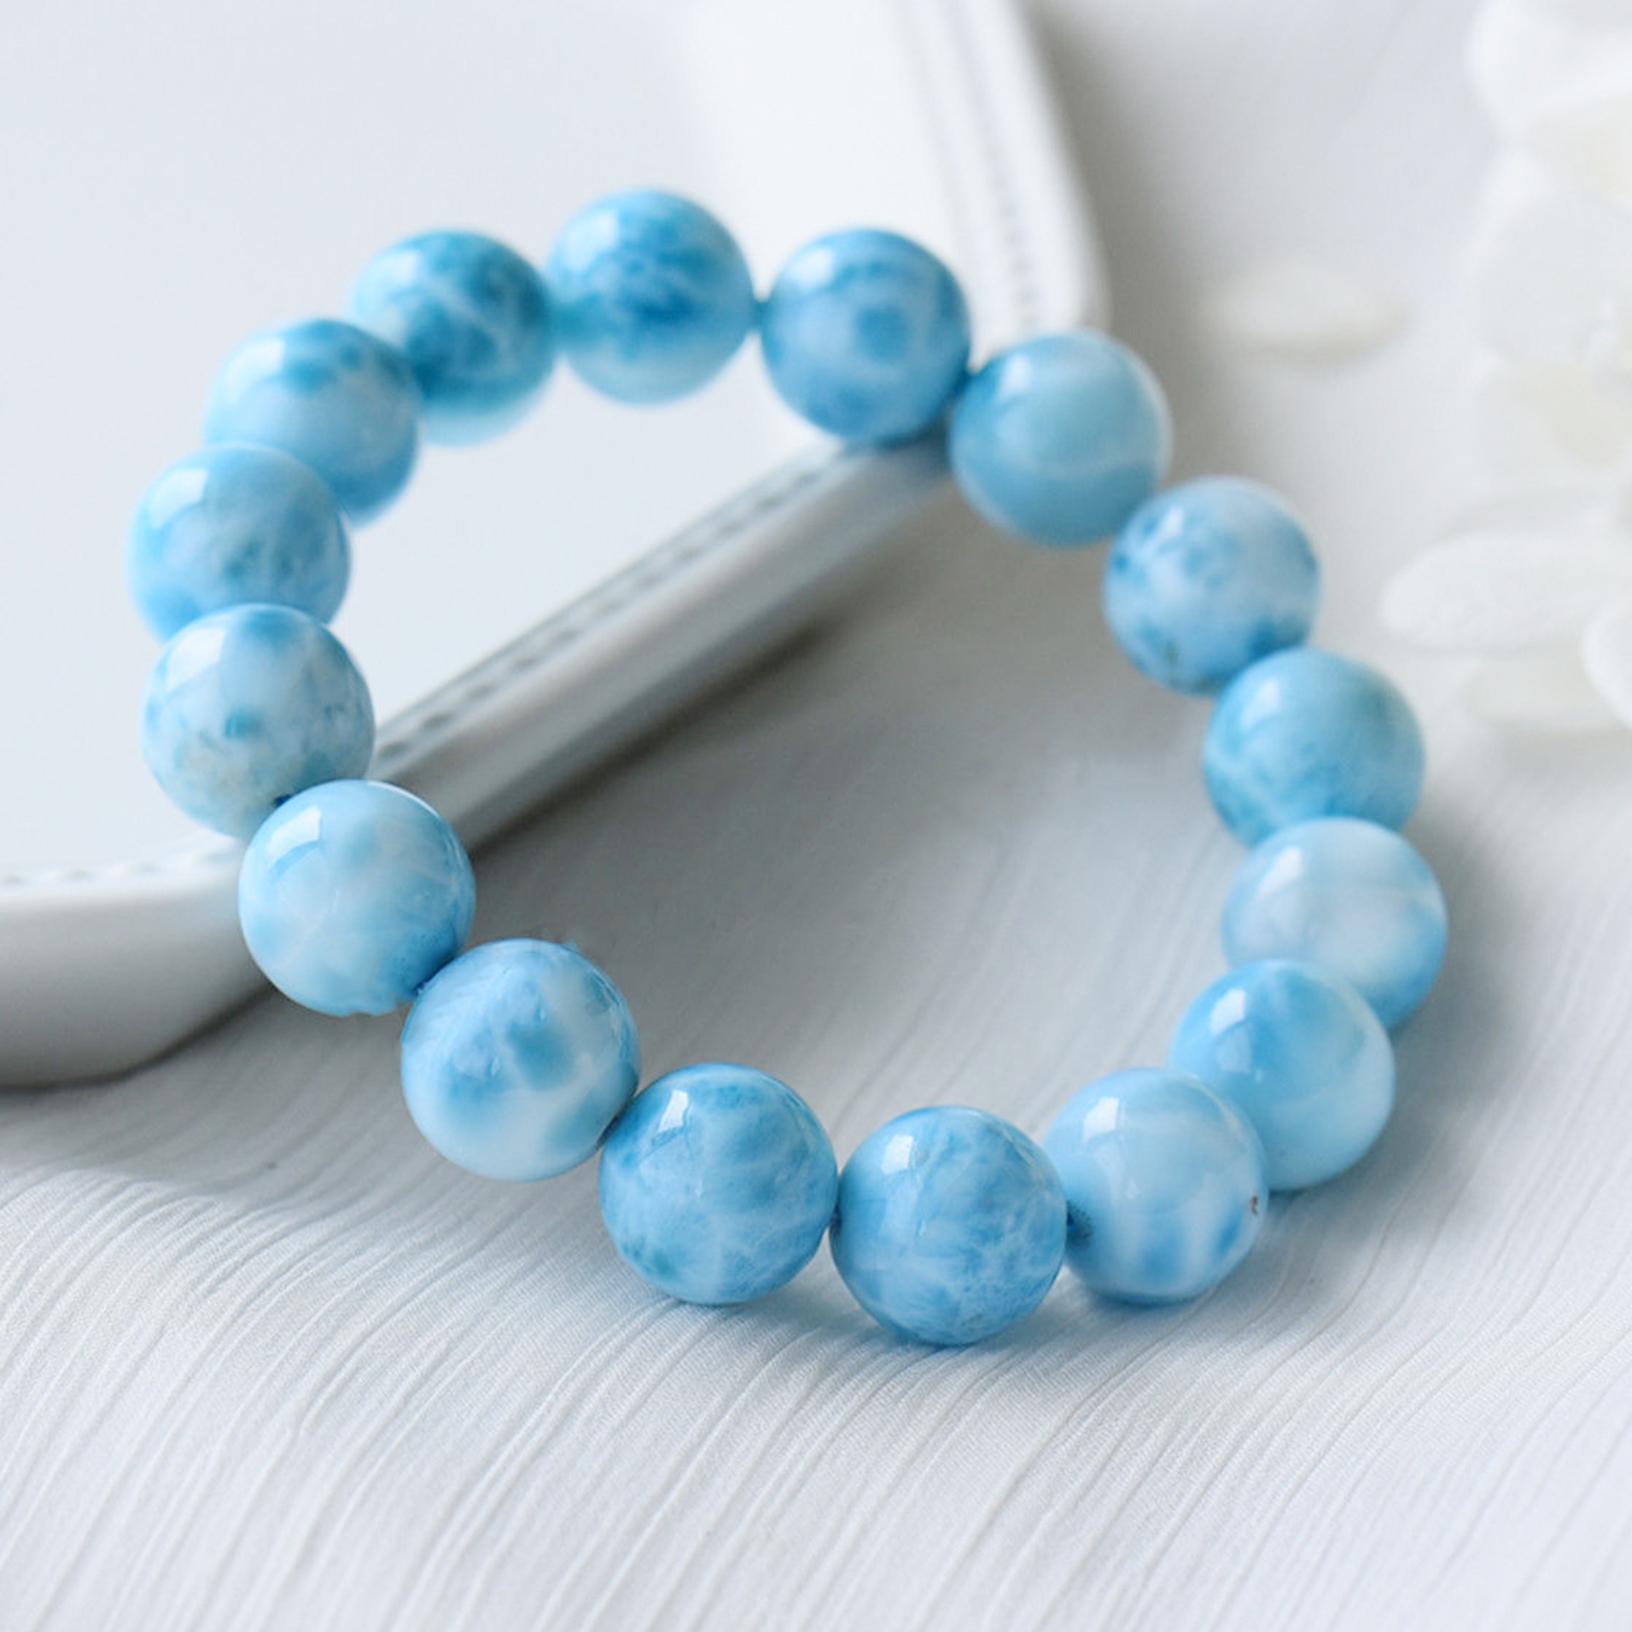 10mm Natural Blue Larimar Edelstein Runde Perlen Wasser Muster Armband Geschenke